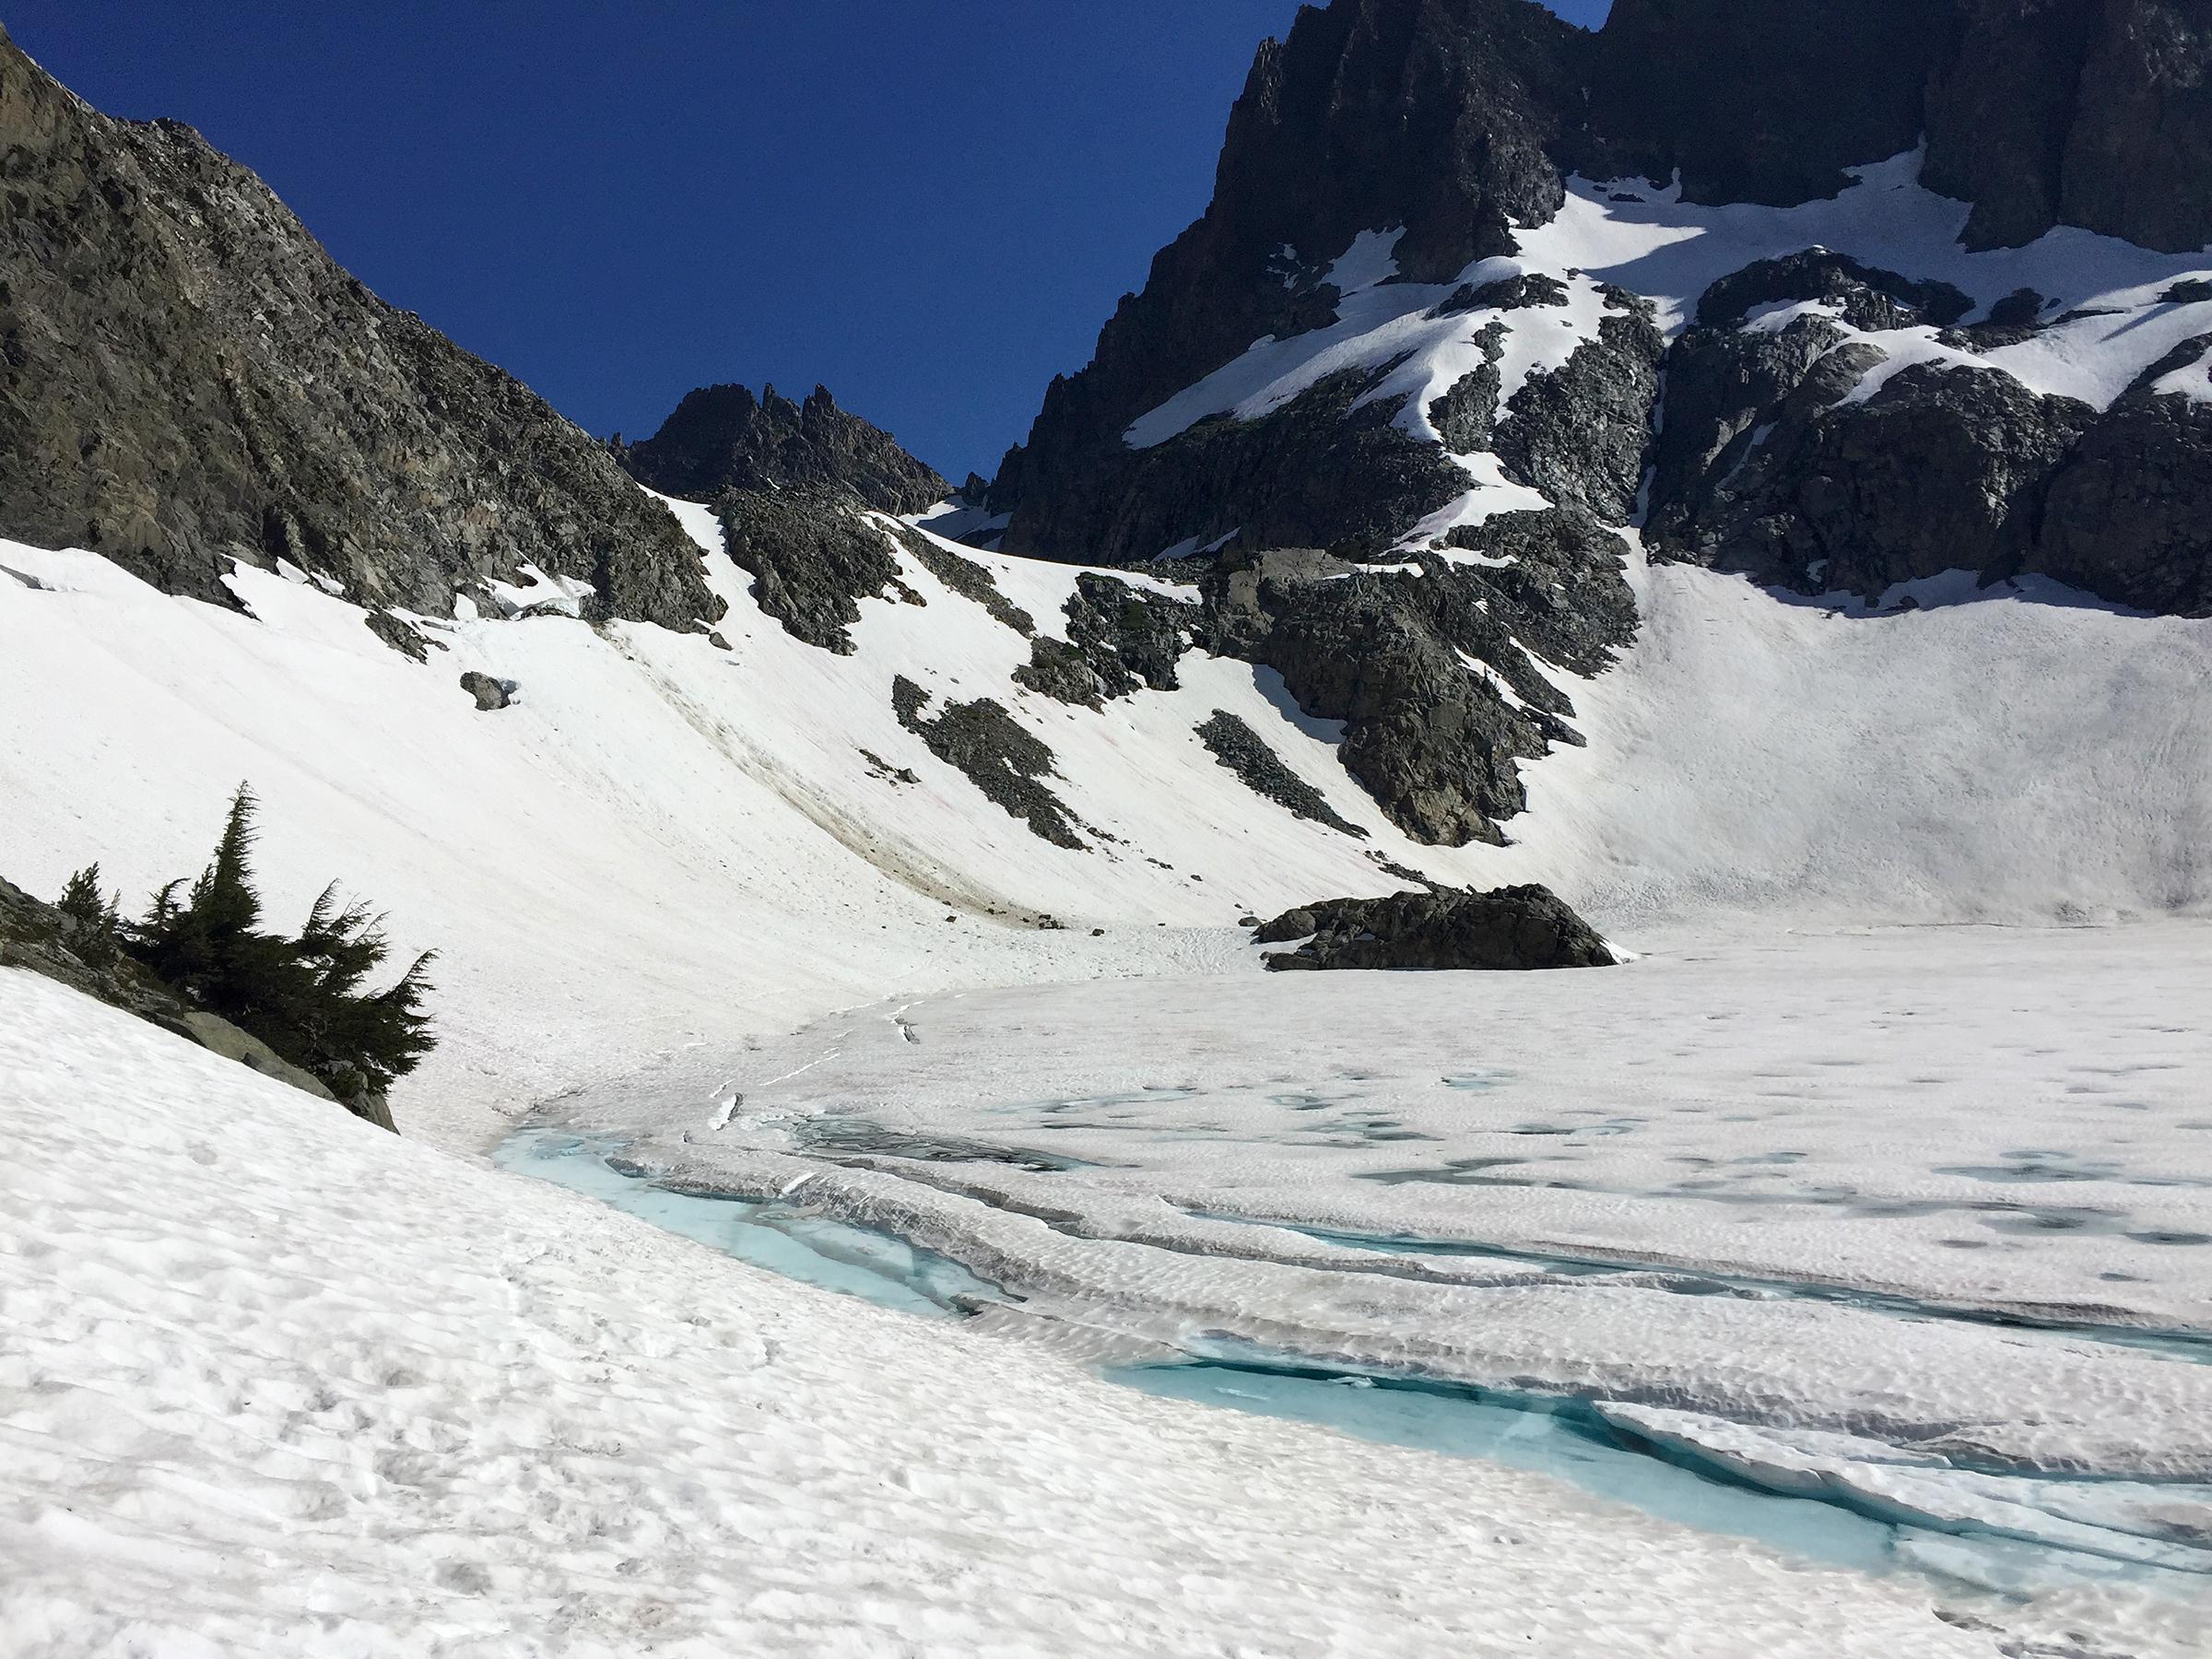 trailname-backstroke-sierra-high-route-2017_iceberg lake-_0329.jpg